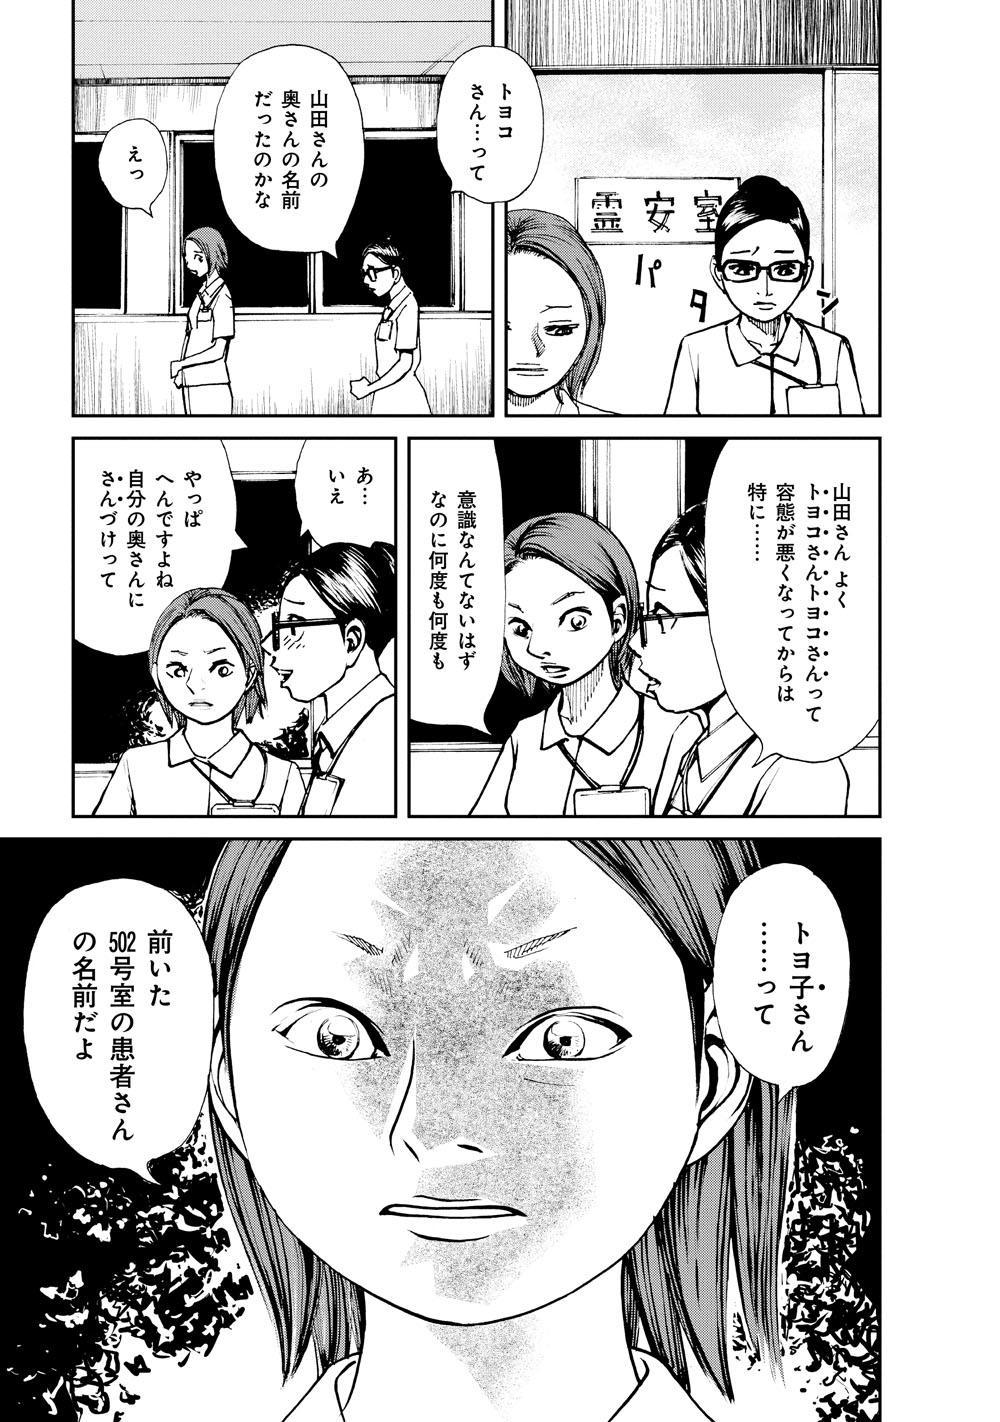 テレビ版_ほん怖_243.jpg